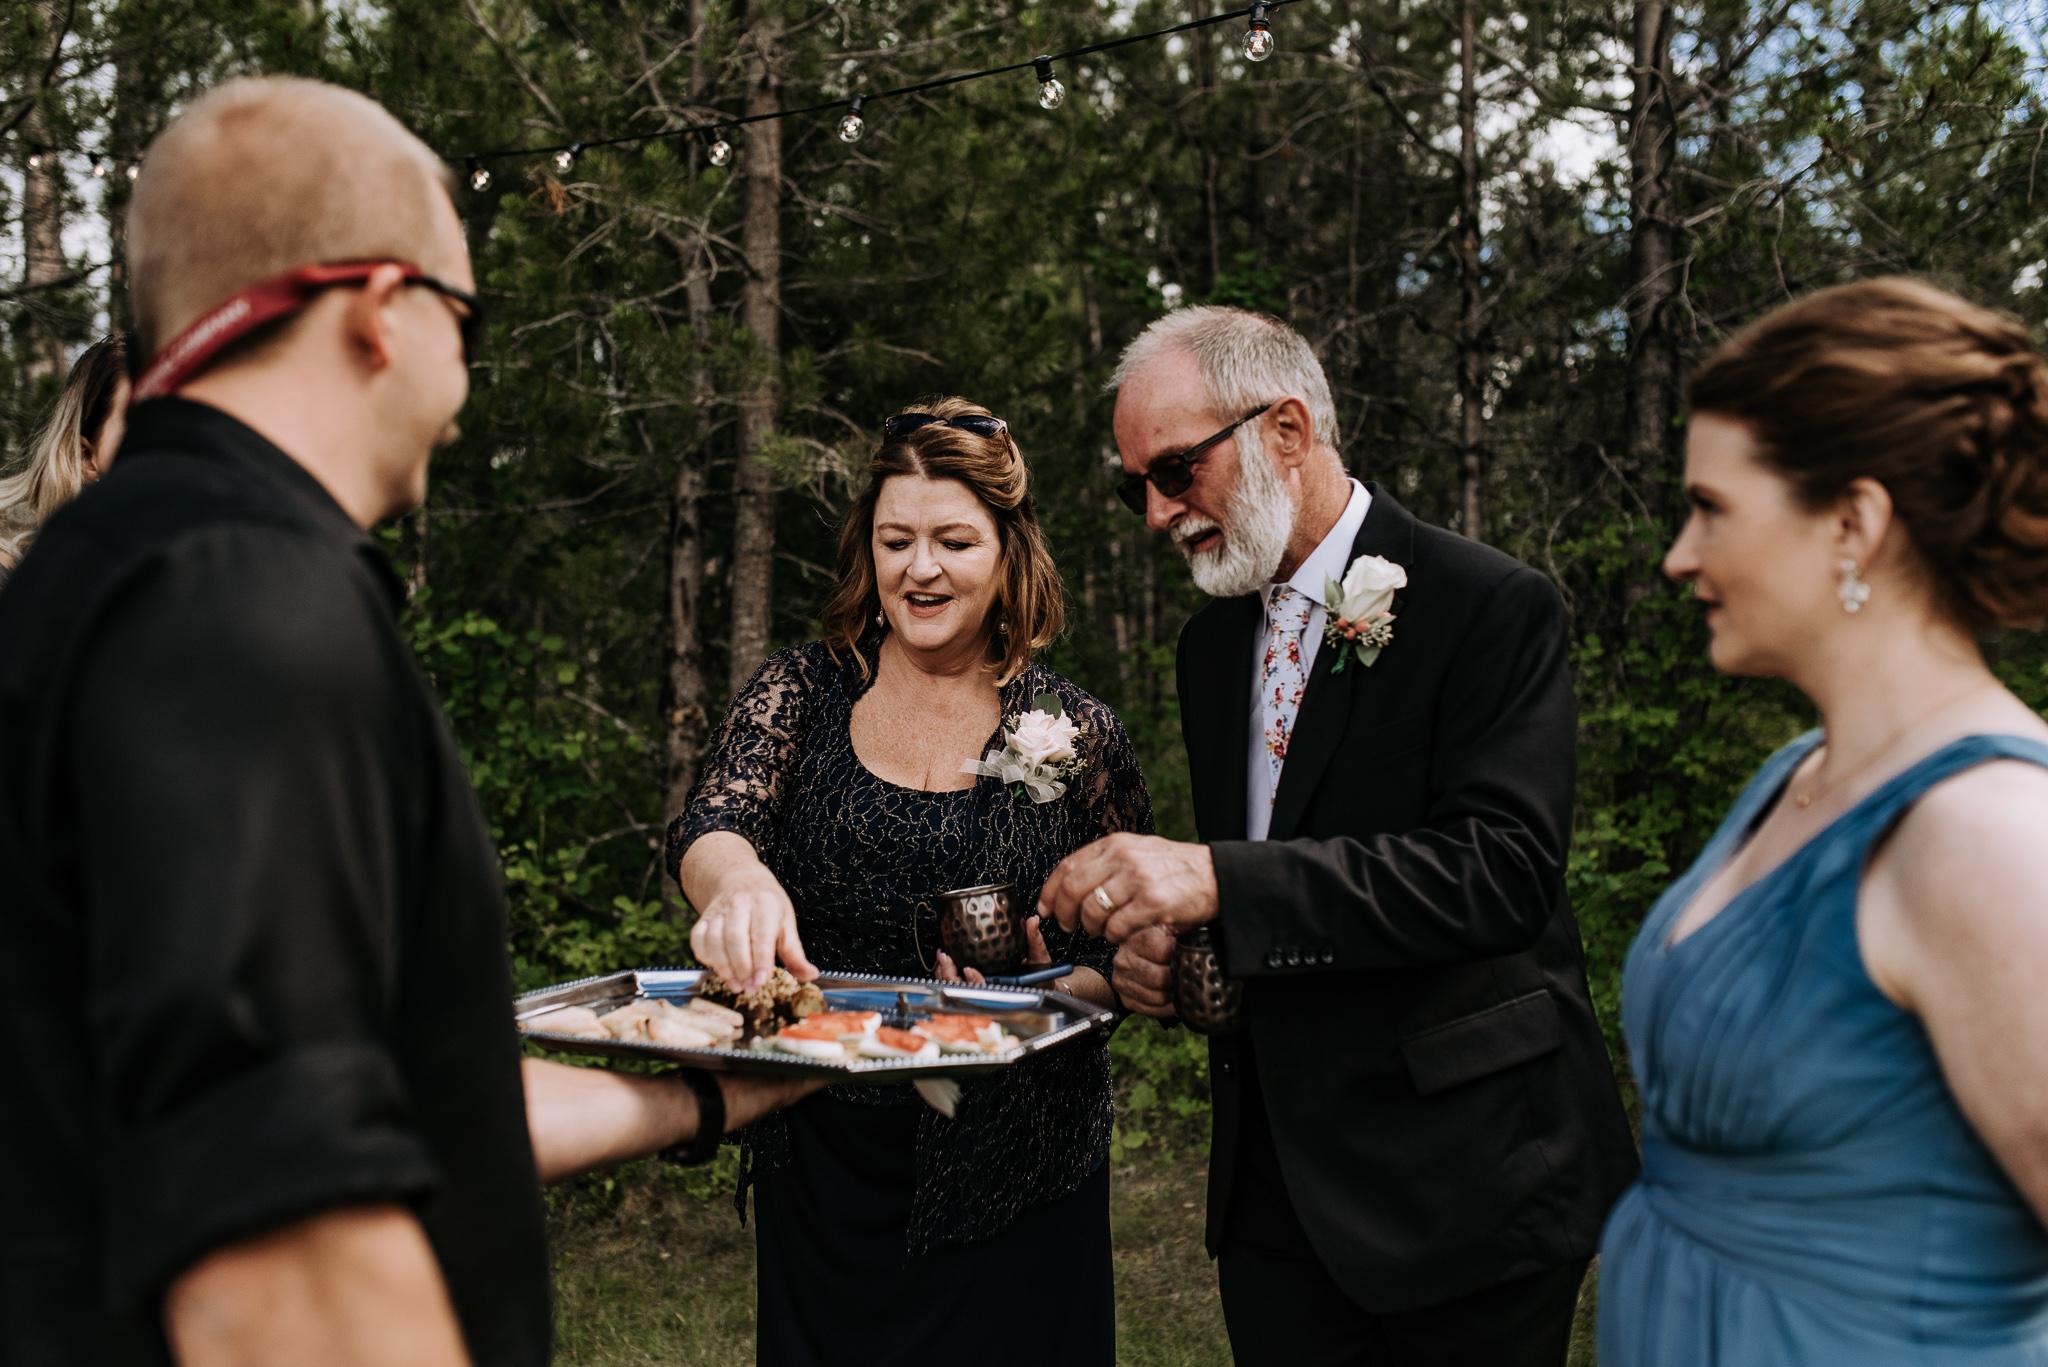 glacier-park-wedding-67.jpg